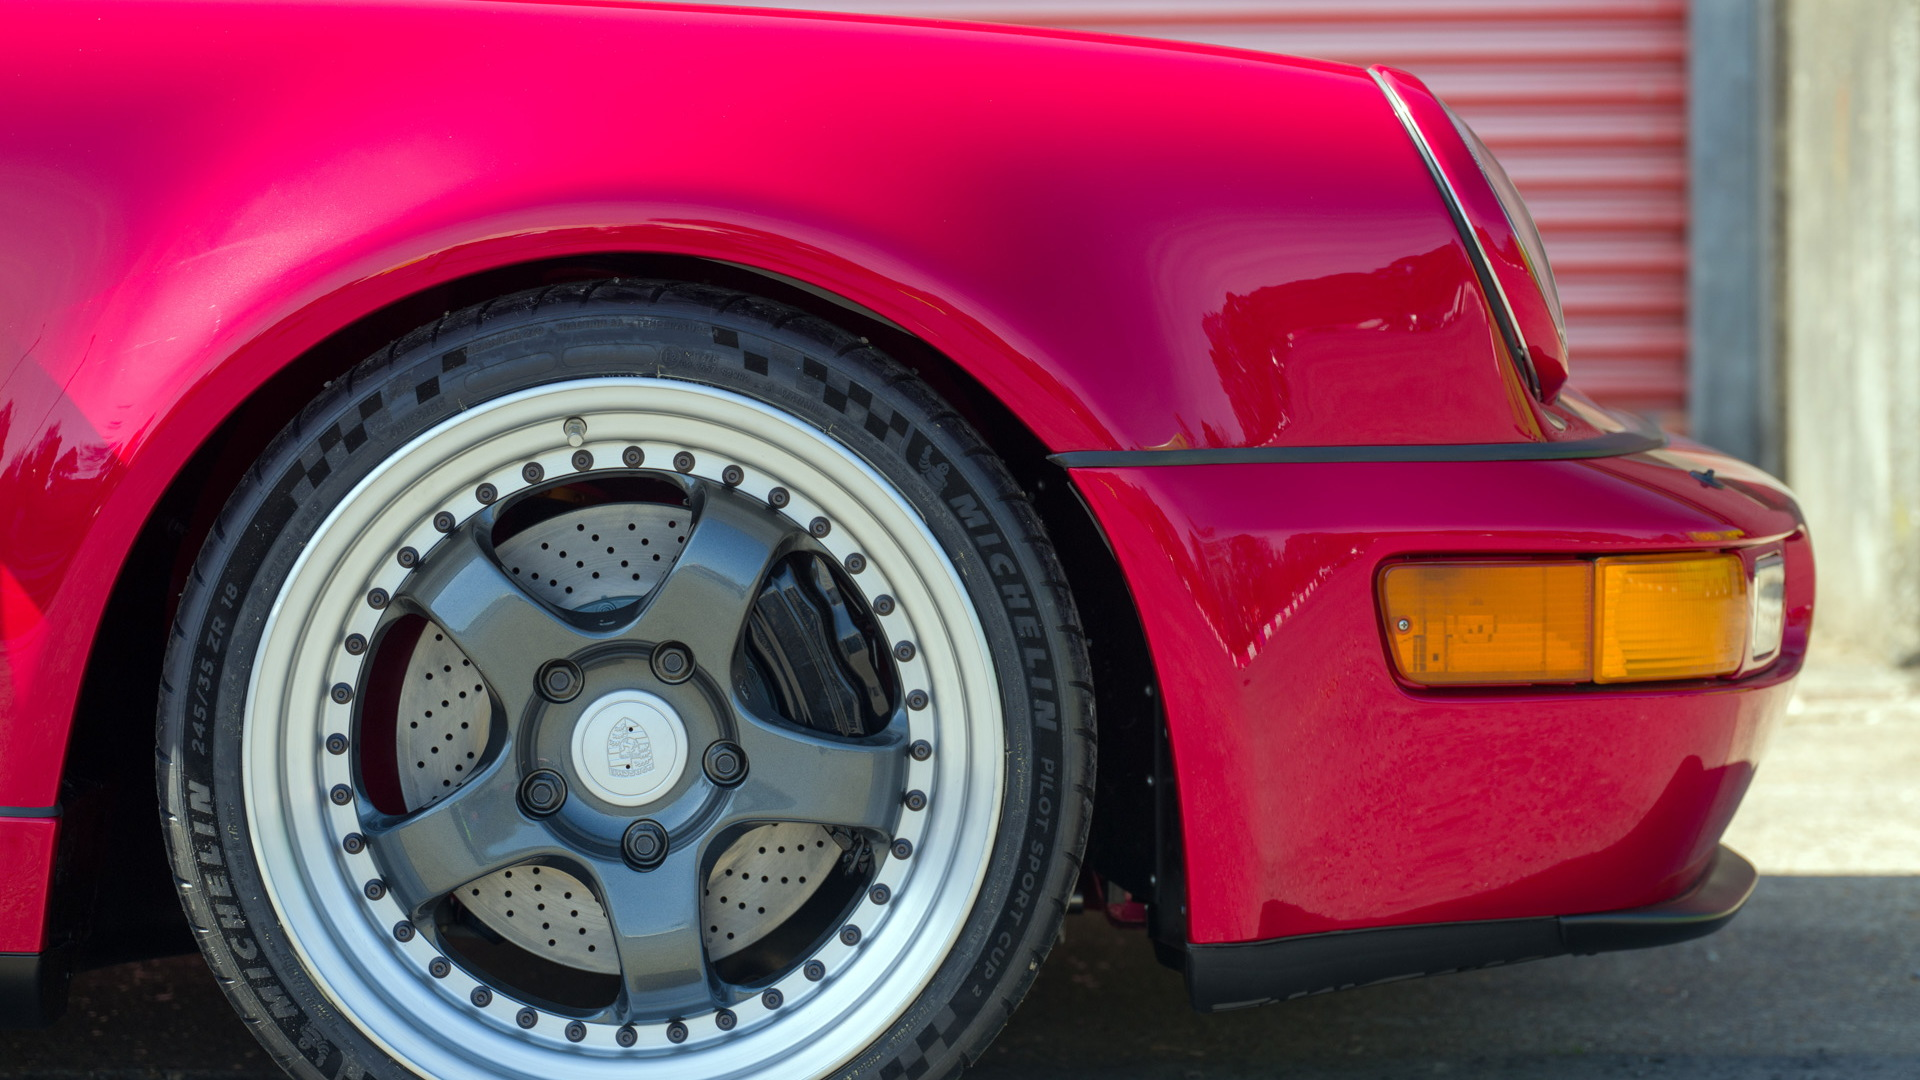 1991 Porsche 911 electric conversion by Everrati